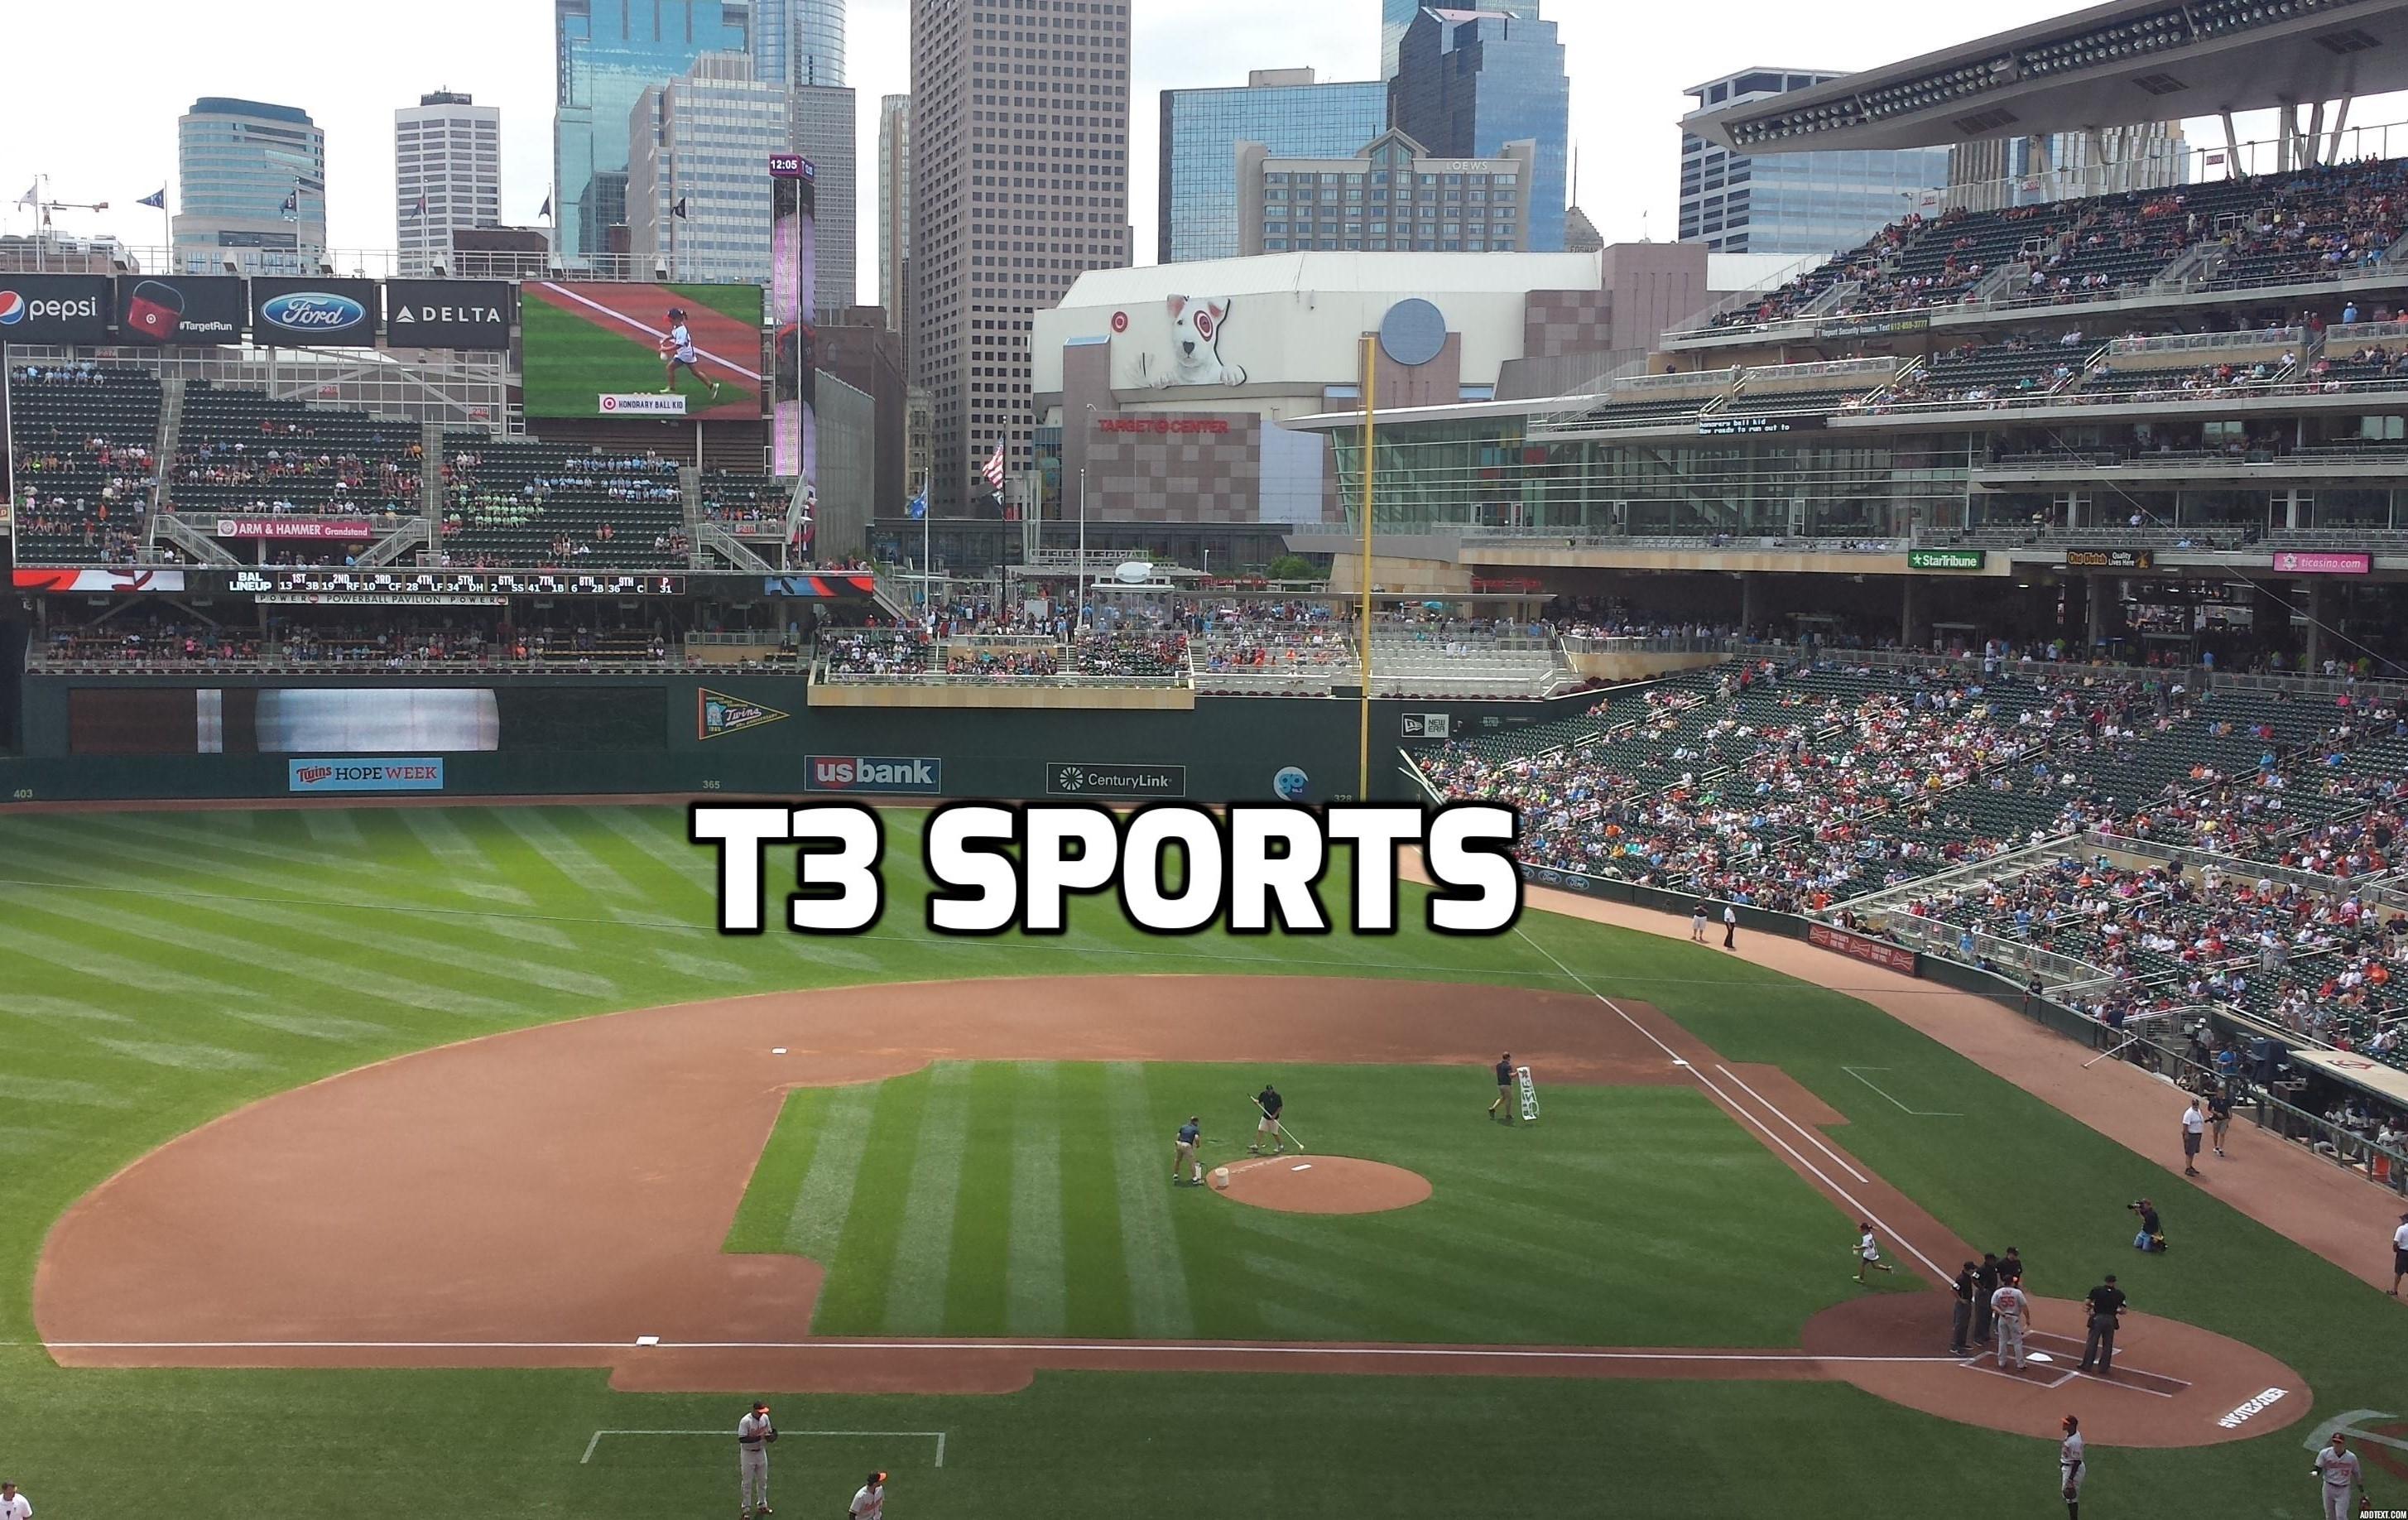 T3 Sports